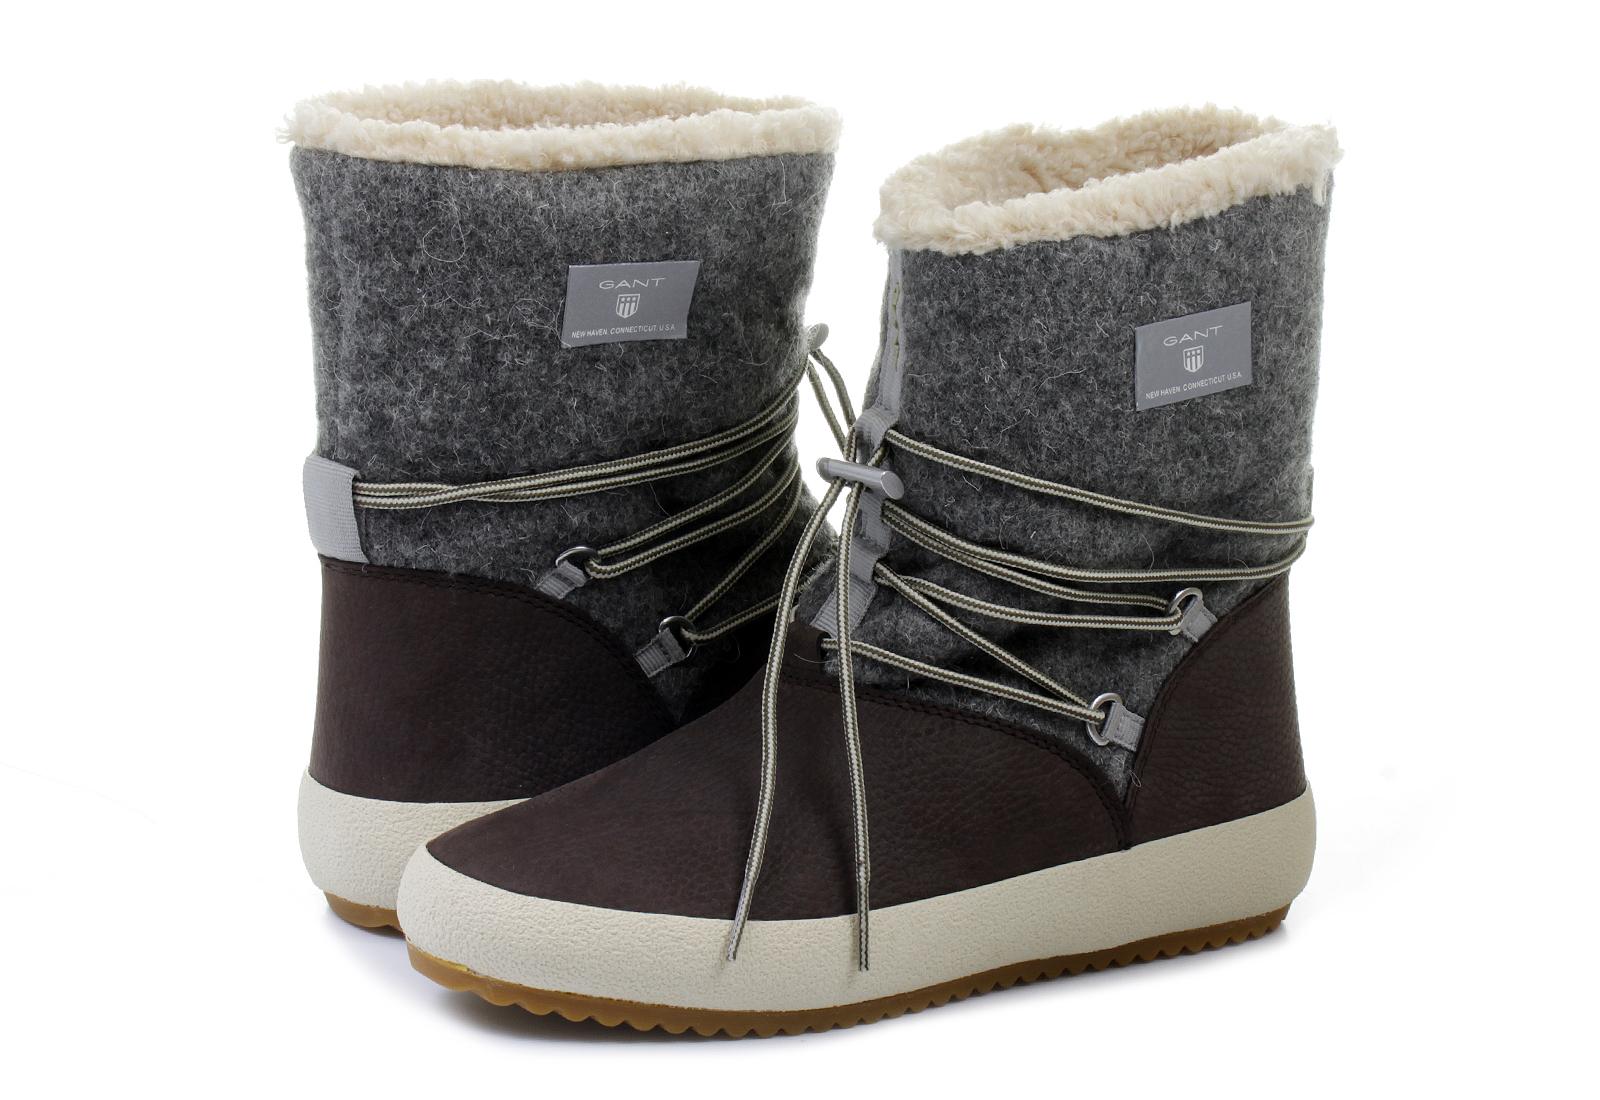 Gant Boots - Amy - 15544998-G460 - Online shop for sneakers 0dfbc1d549